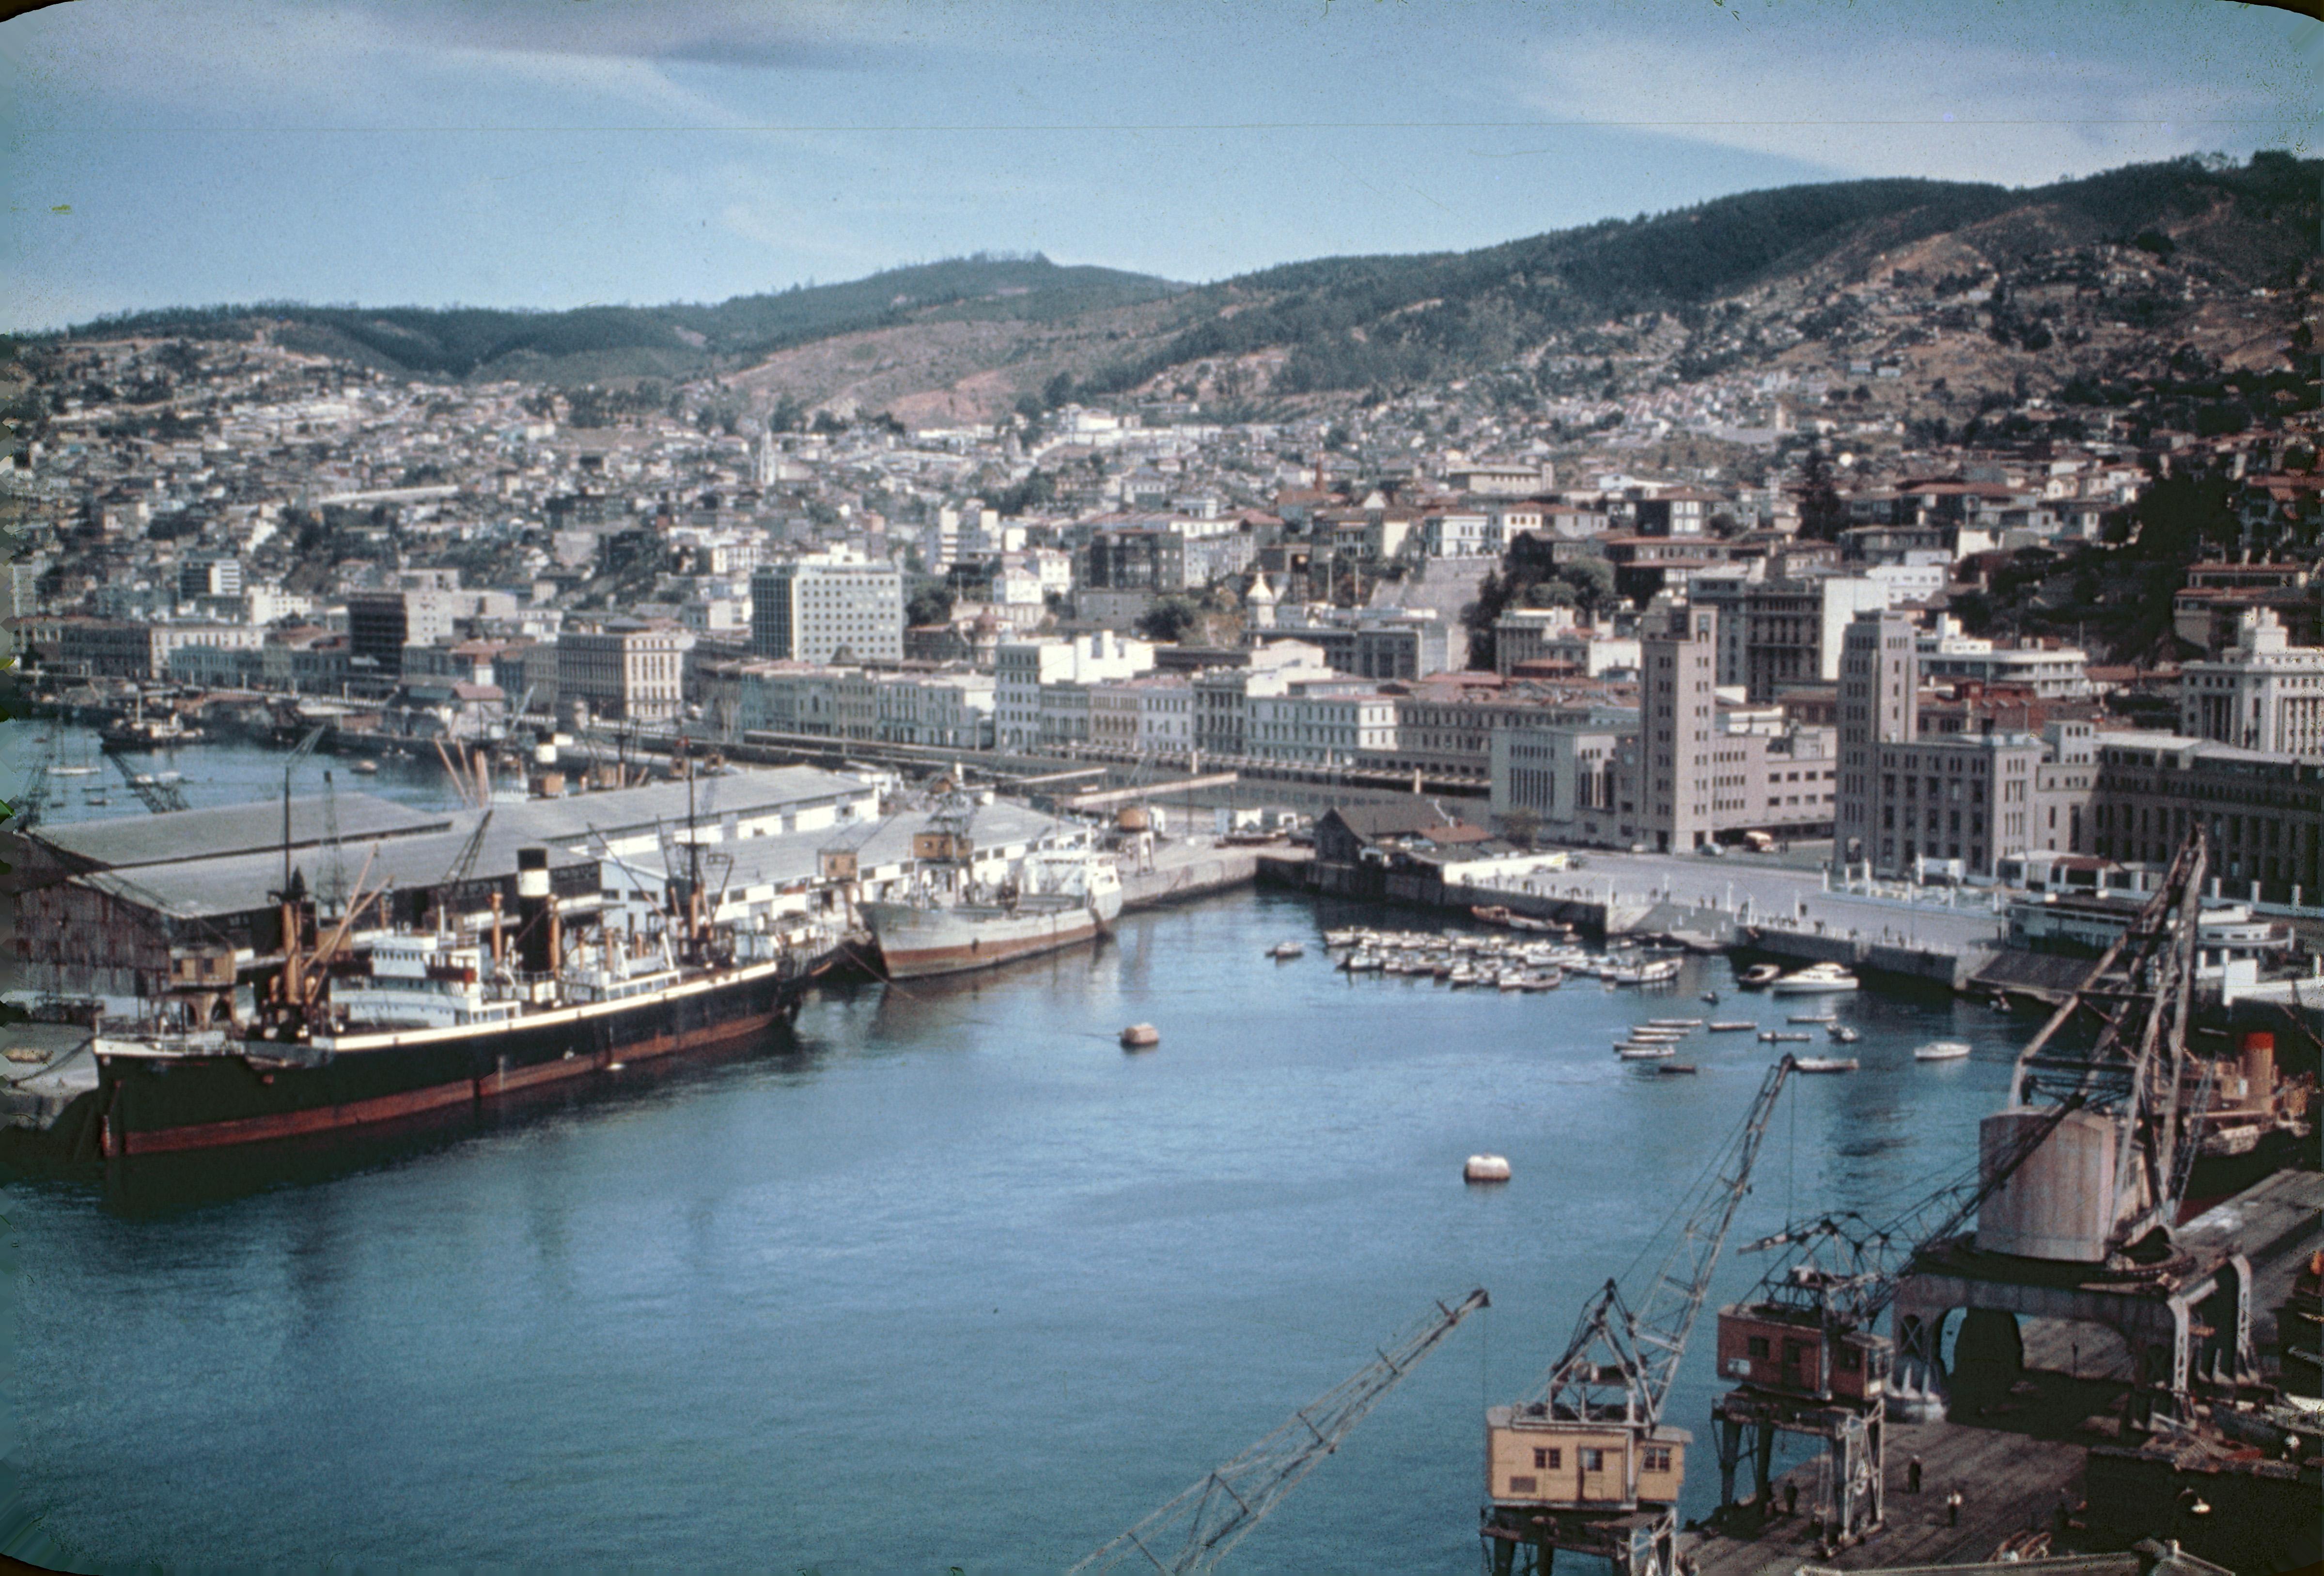 Enterreno - Fotos históricas de chile - fotos antiguas de Chile - Puerto de Valparaíso, años 60s